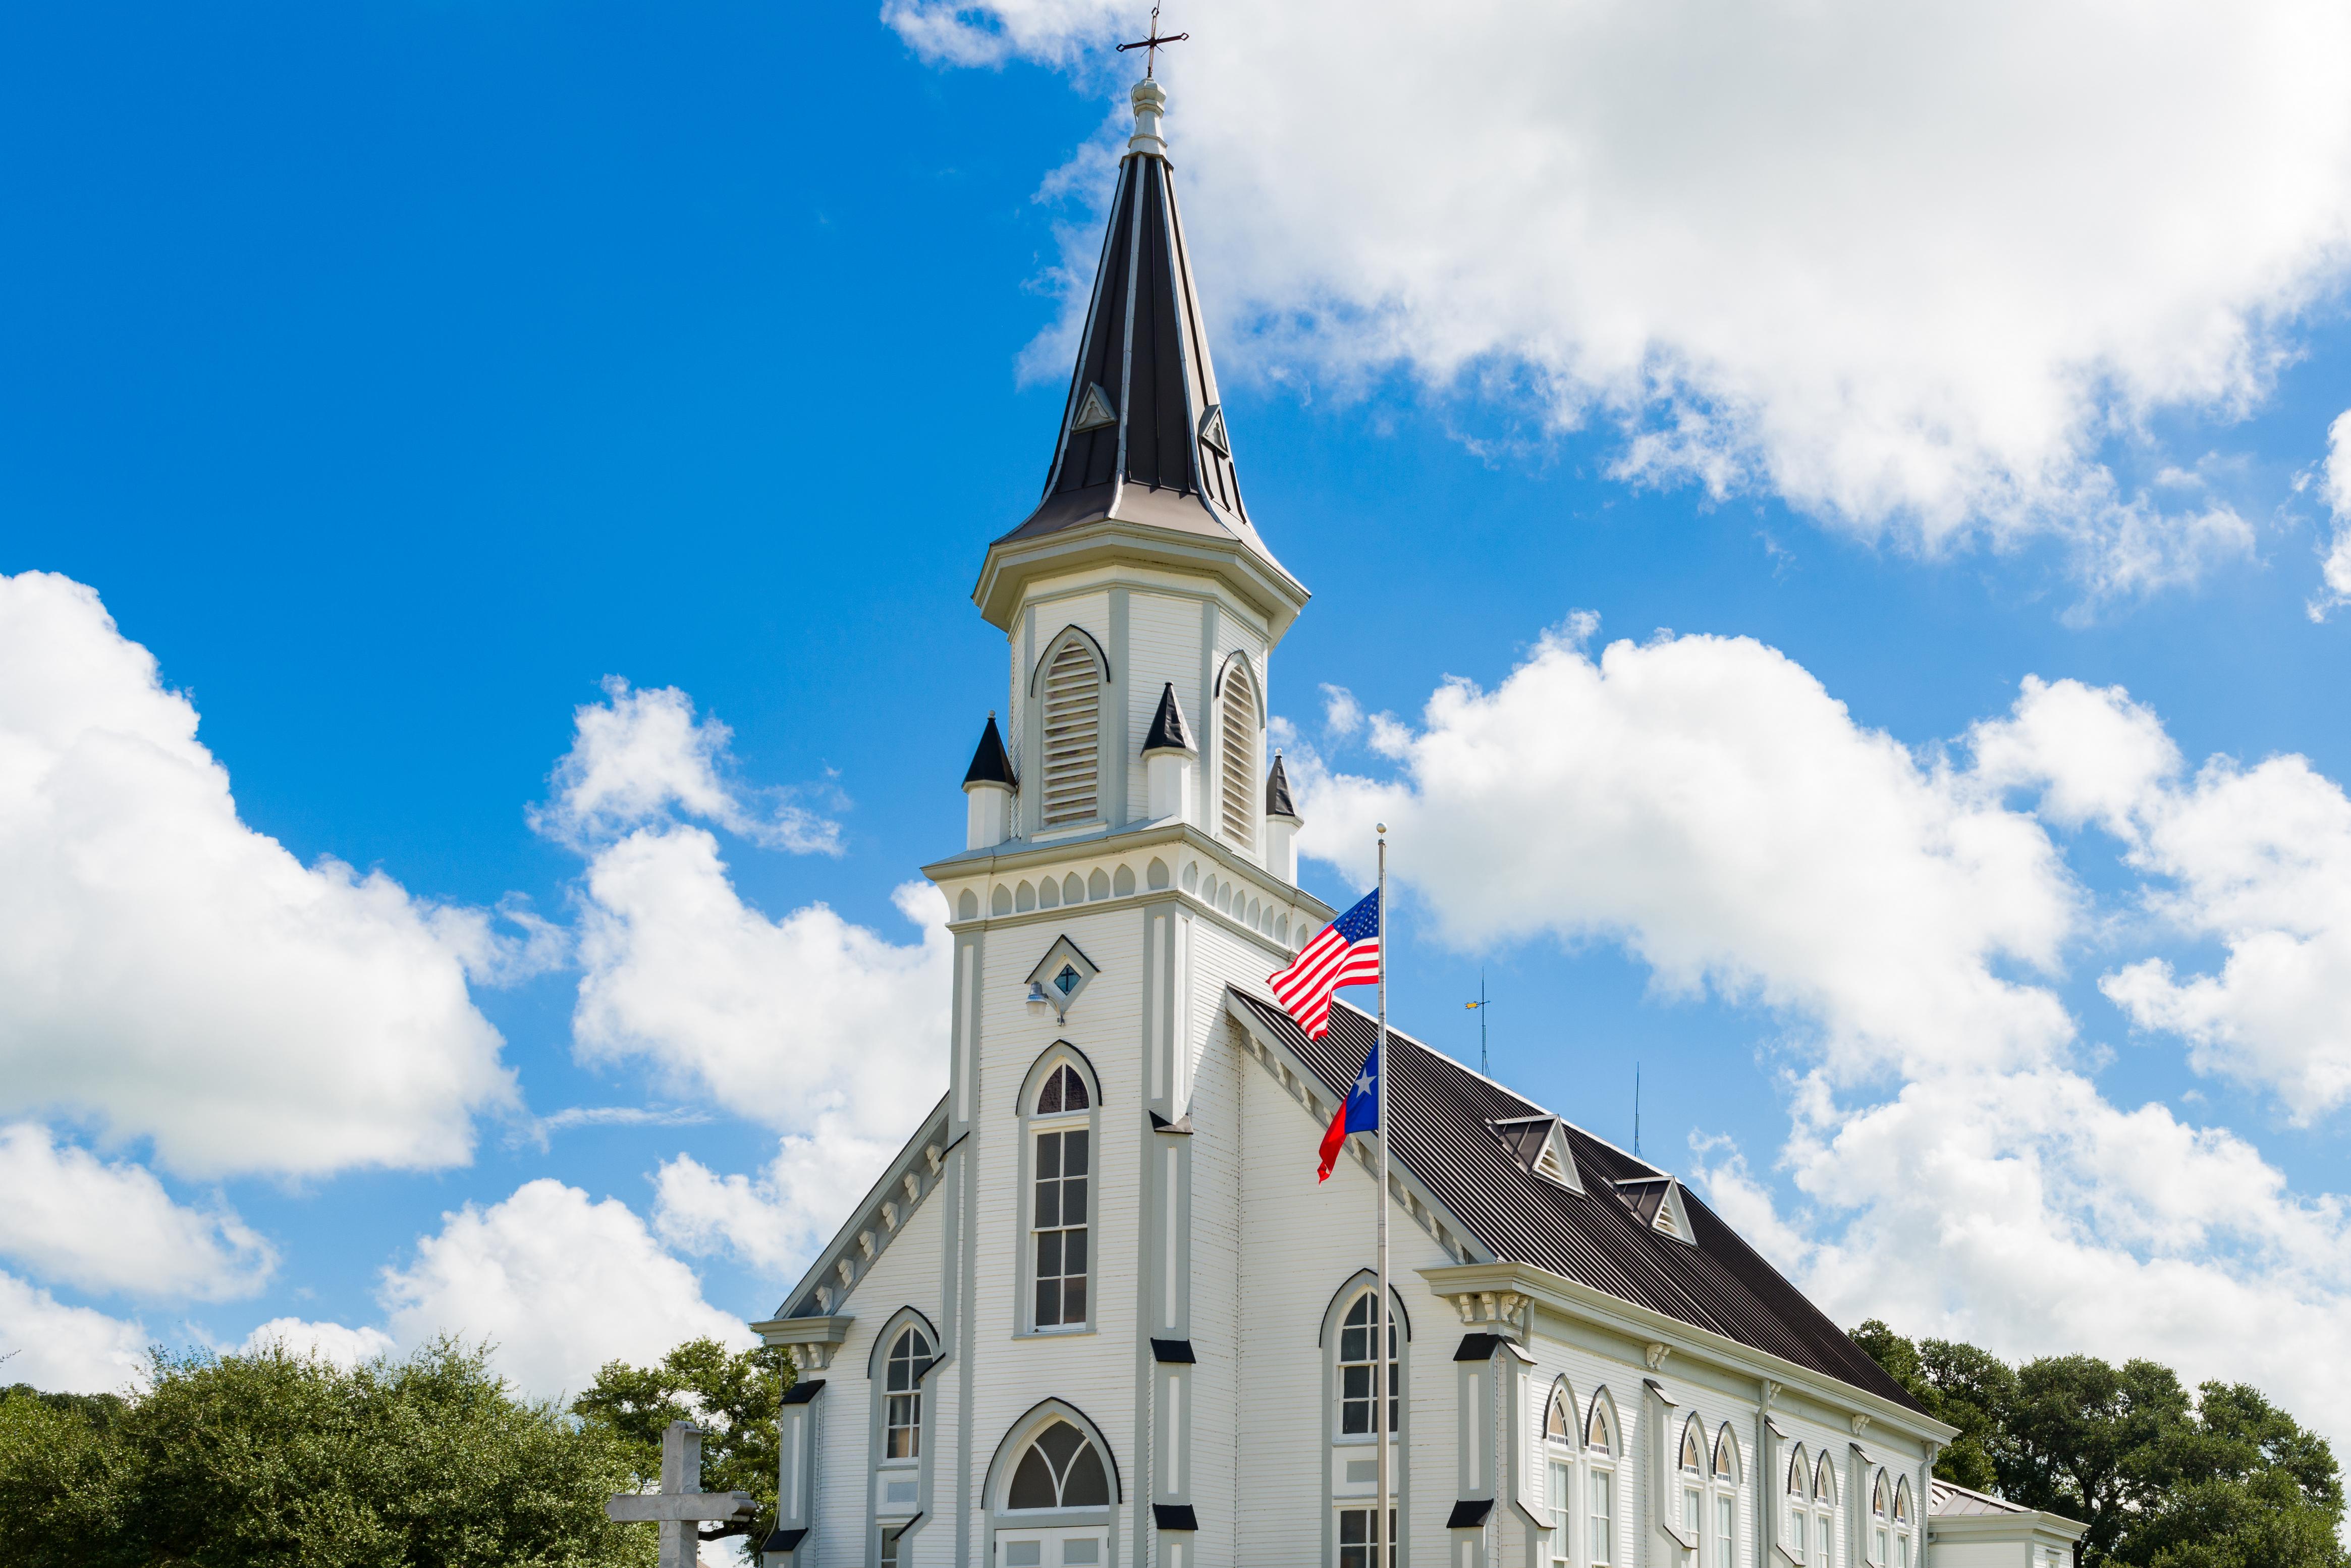 Schulenberg Church